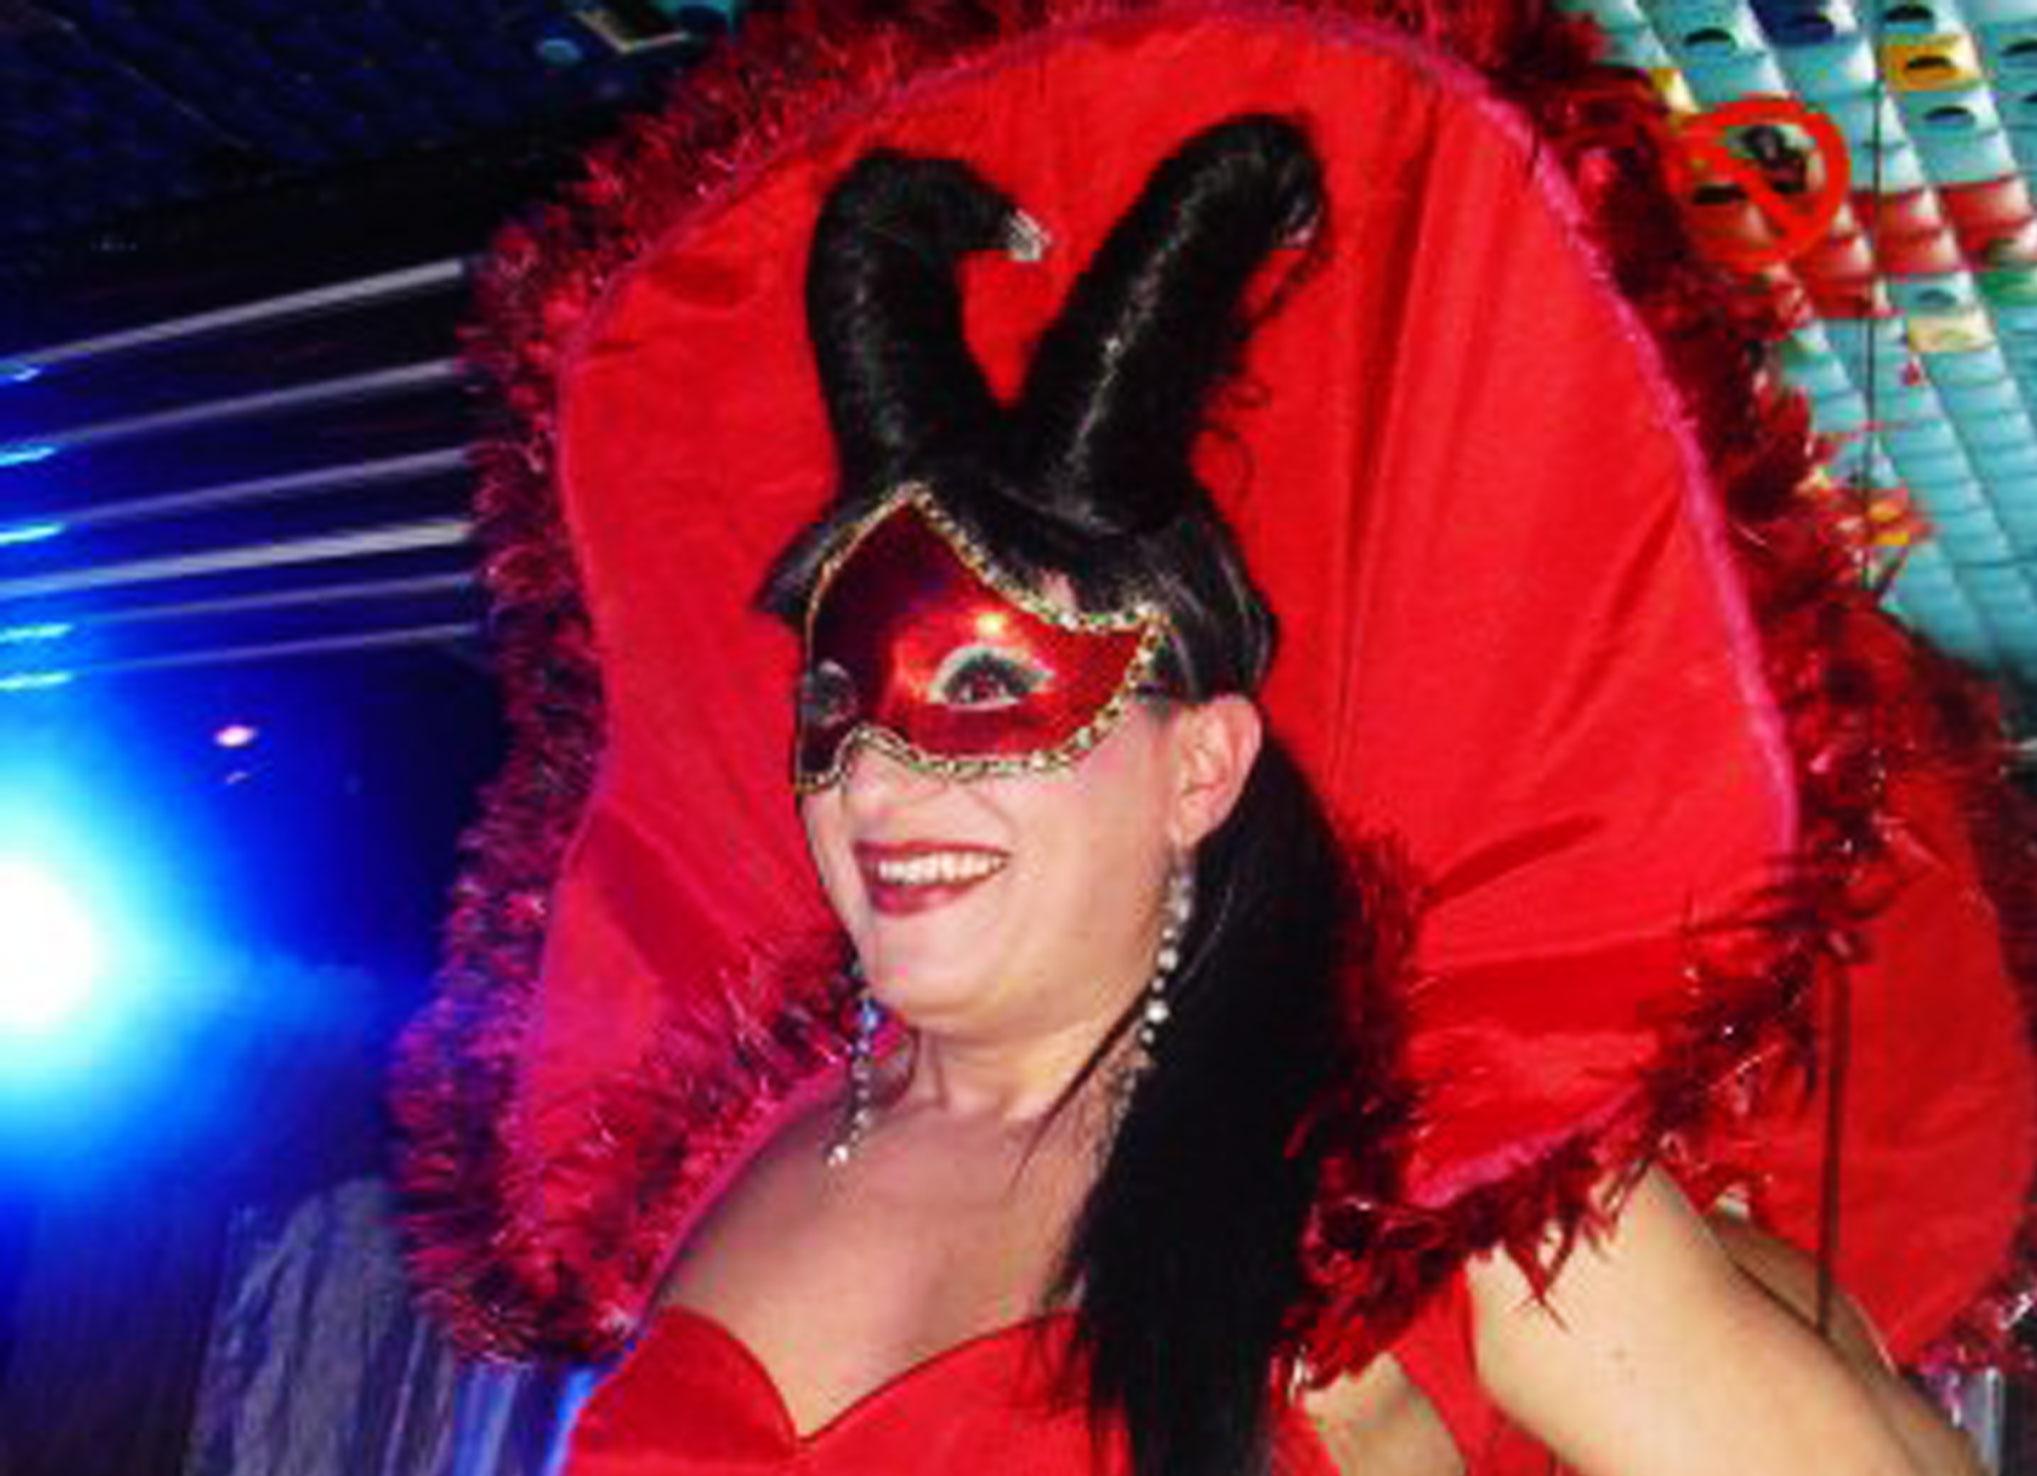 Drag Queen Carmen imagen 3